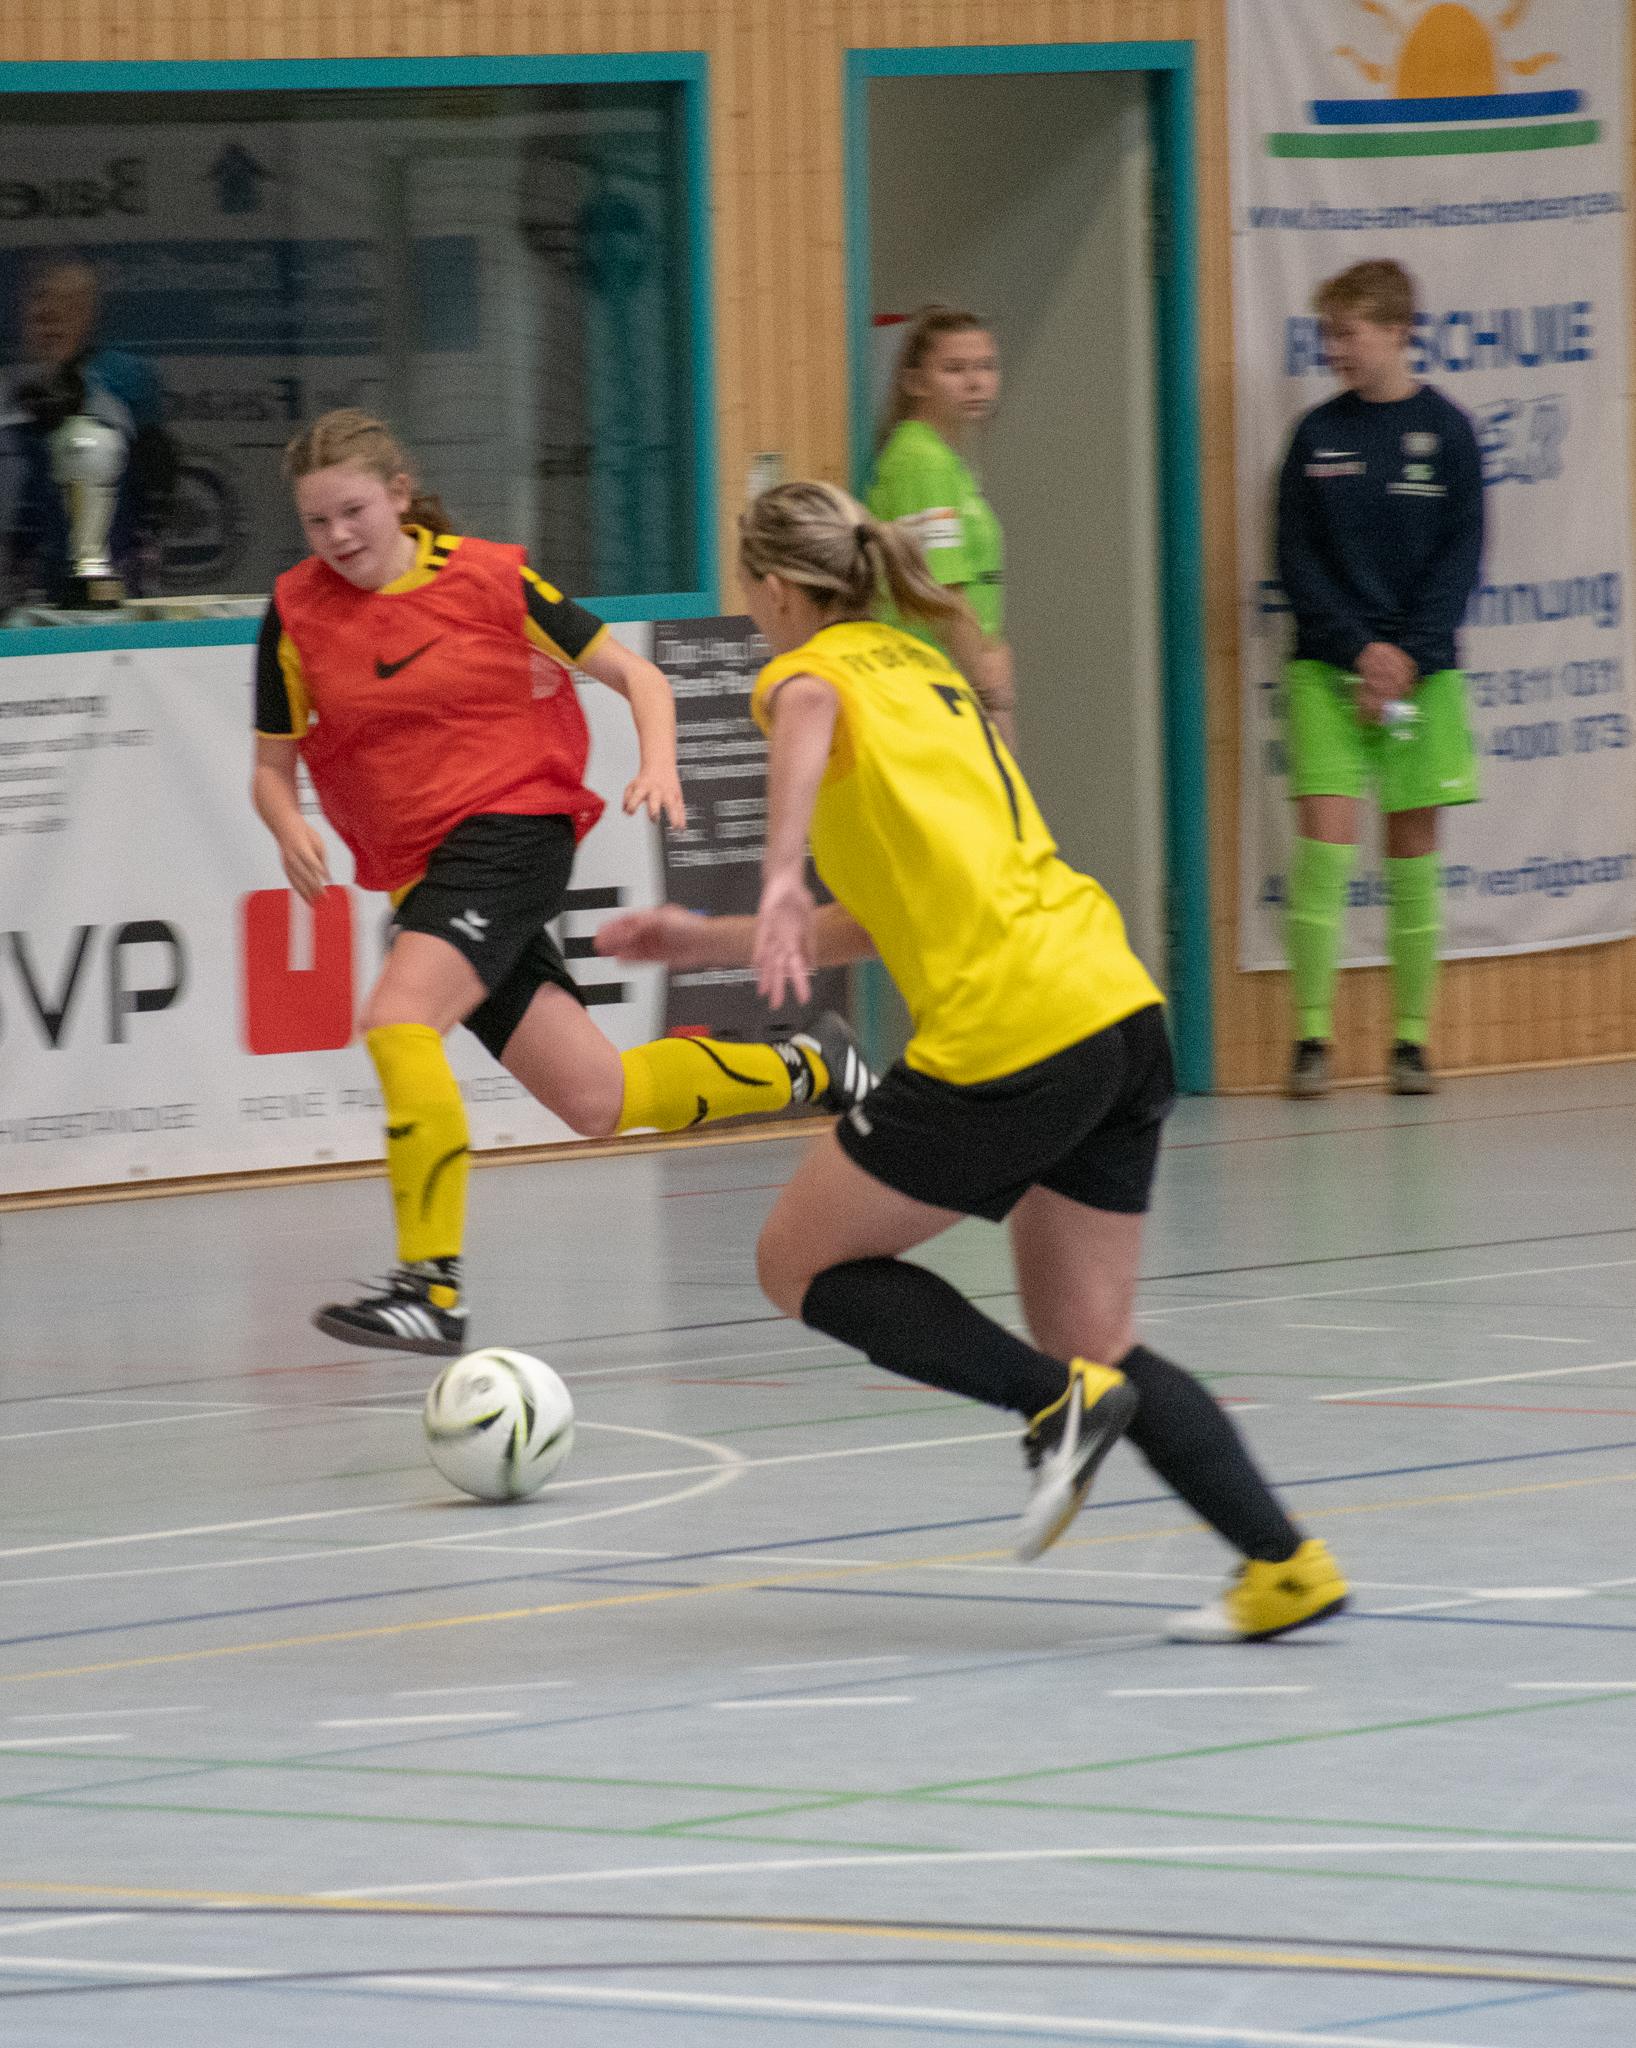 20190113  IDX6292, Frauenfußball, Großkoschen, Seesporthalle, Soccergolf Sachsen, Turnier